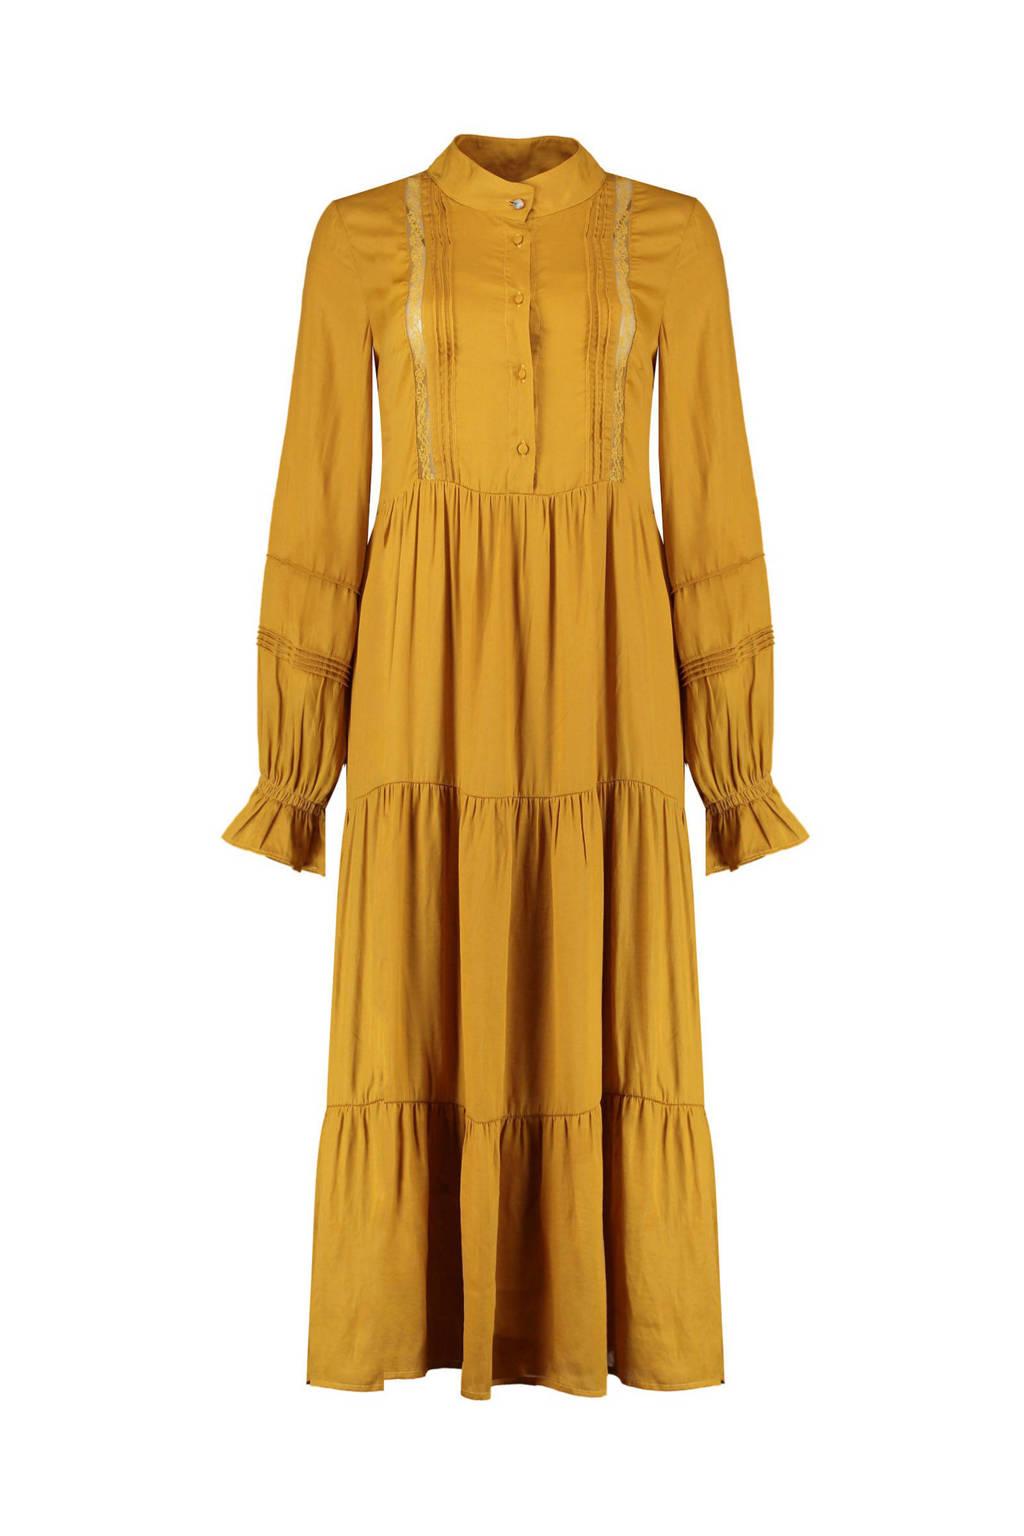 HARPER & YVE jurk Yve geel, Geel